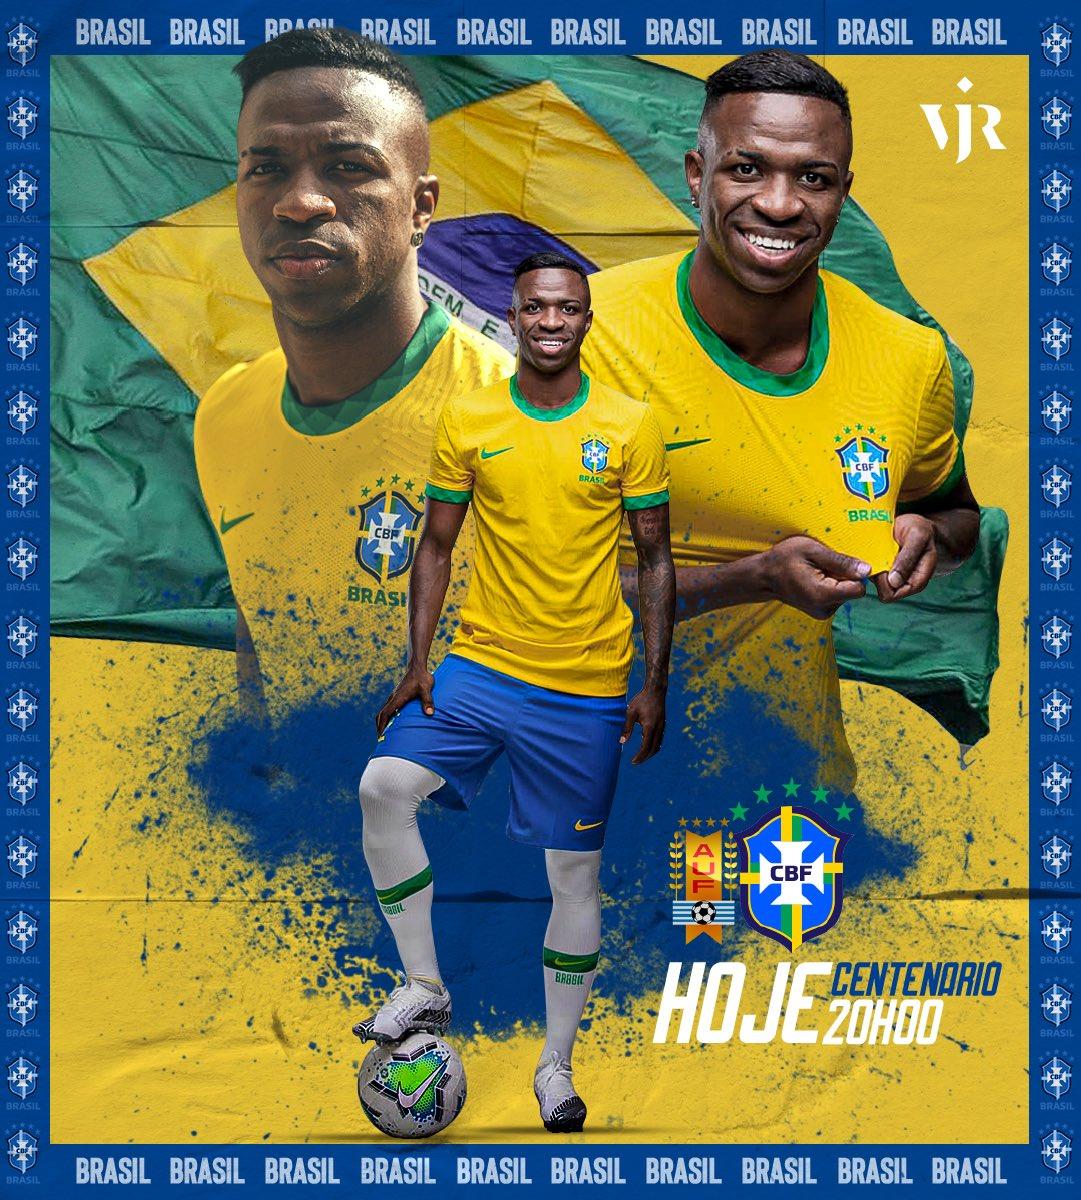 Alegria e ousadia sempre. Vamos Brasil! 🇧🇷⚽️🙌🏾